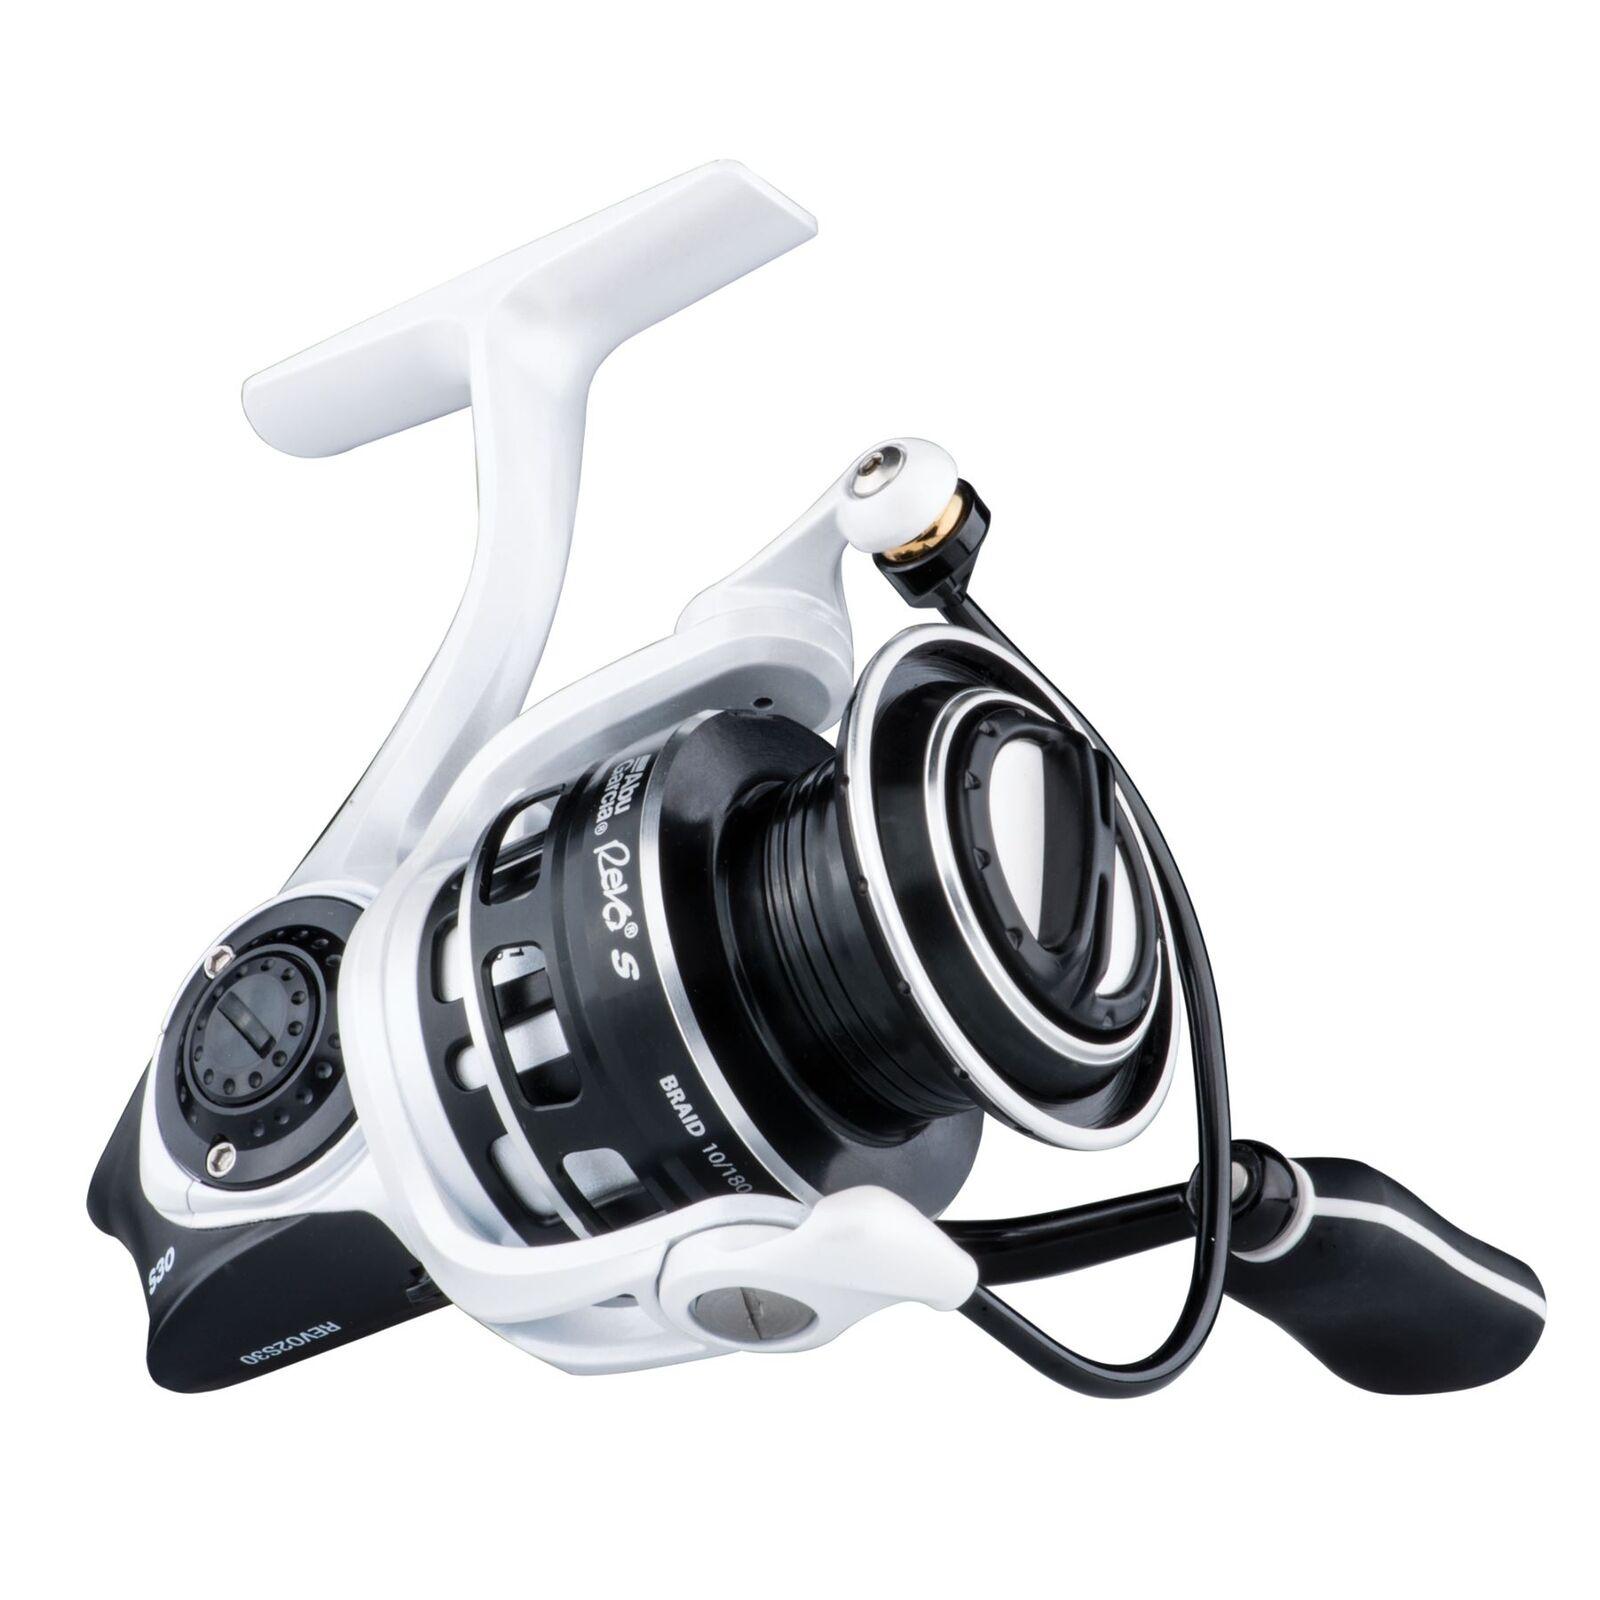 Abu Garcia Revo 2 S 20 / / / Mulinello per Pesca Spinning 7dffde